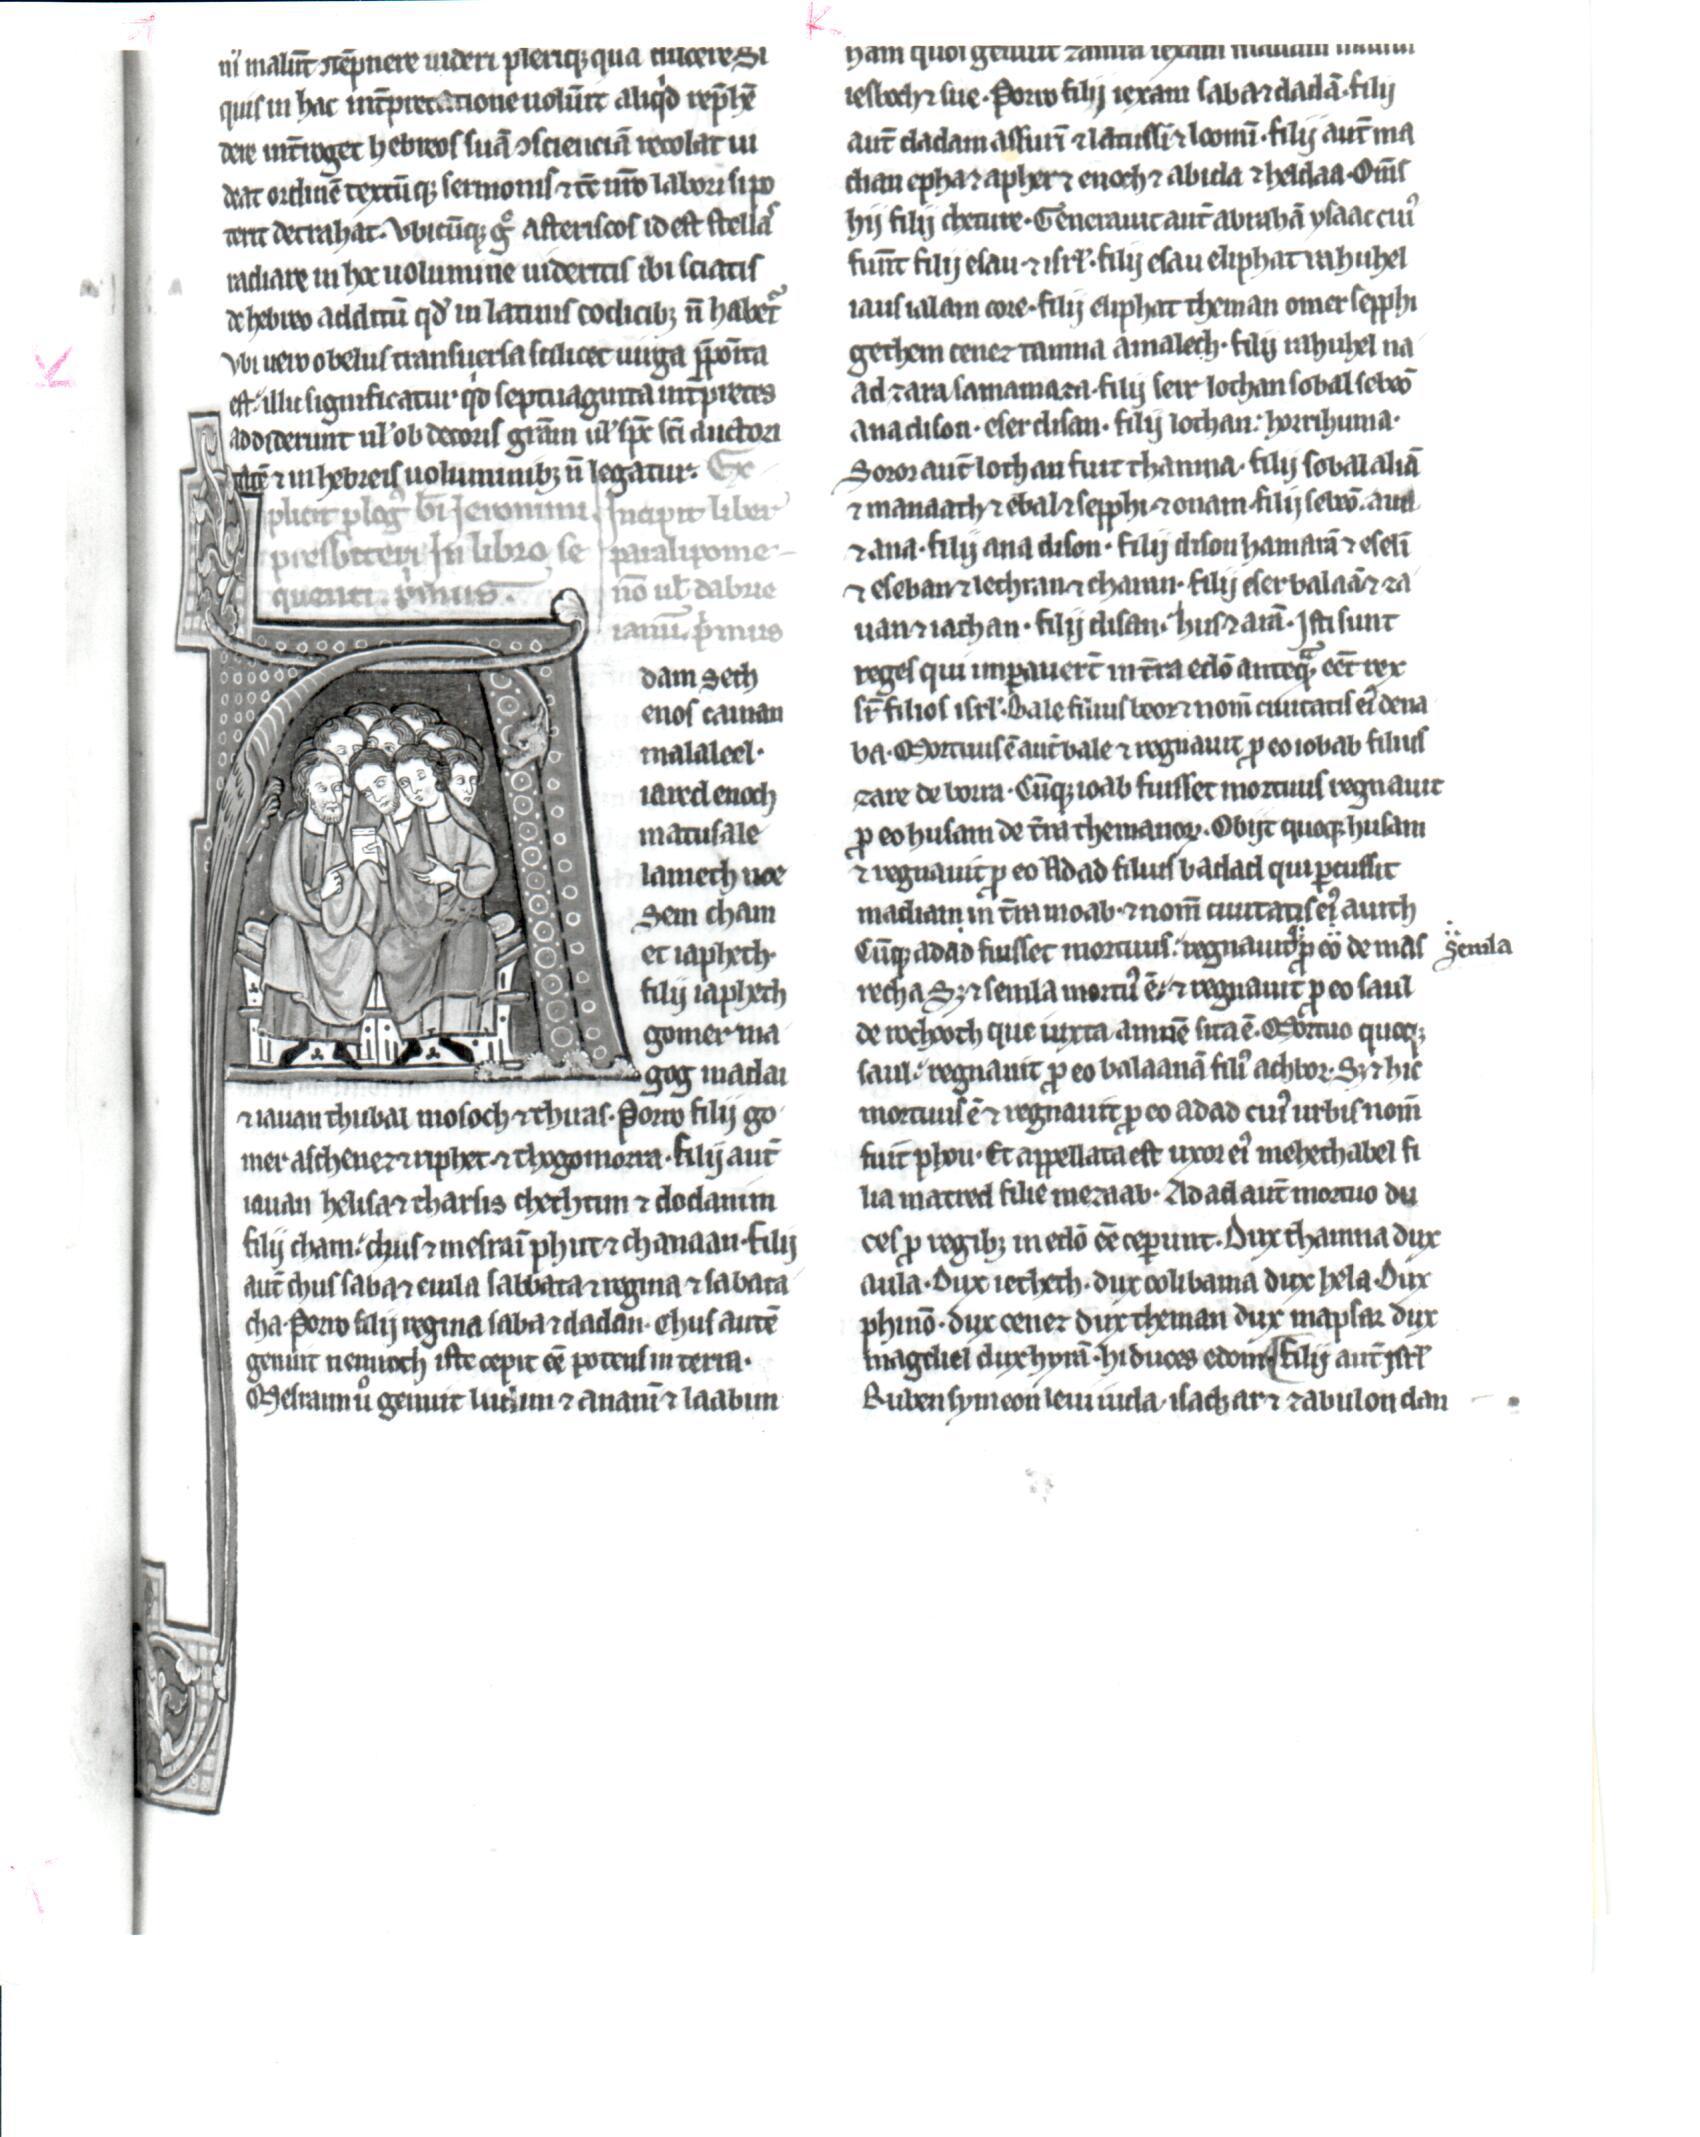 42. Beinecke MS 387, f. 123r